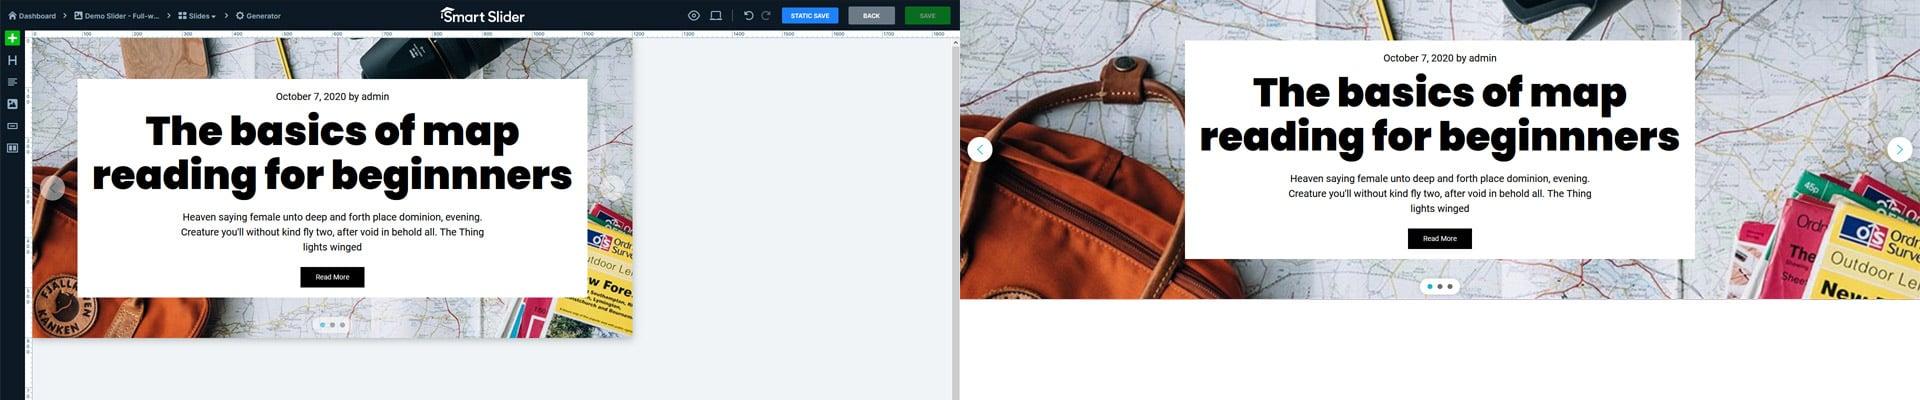 Post Slider in Smart Slider 3